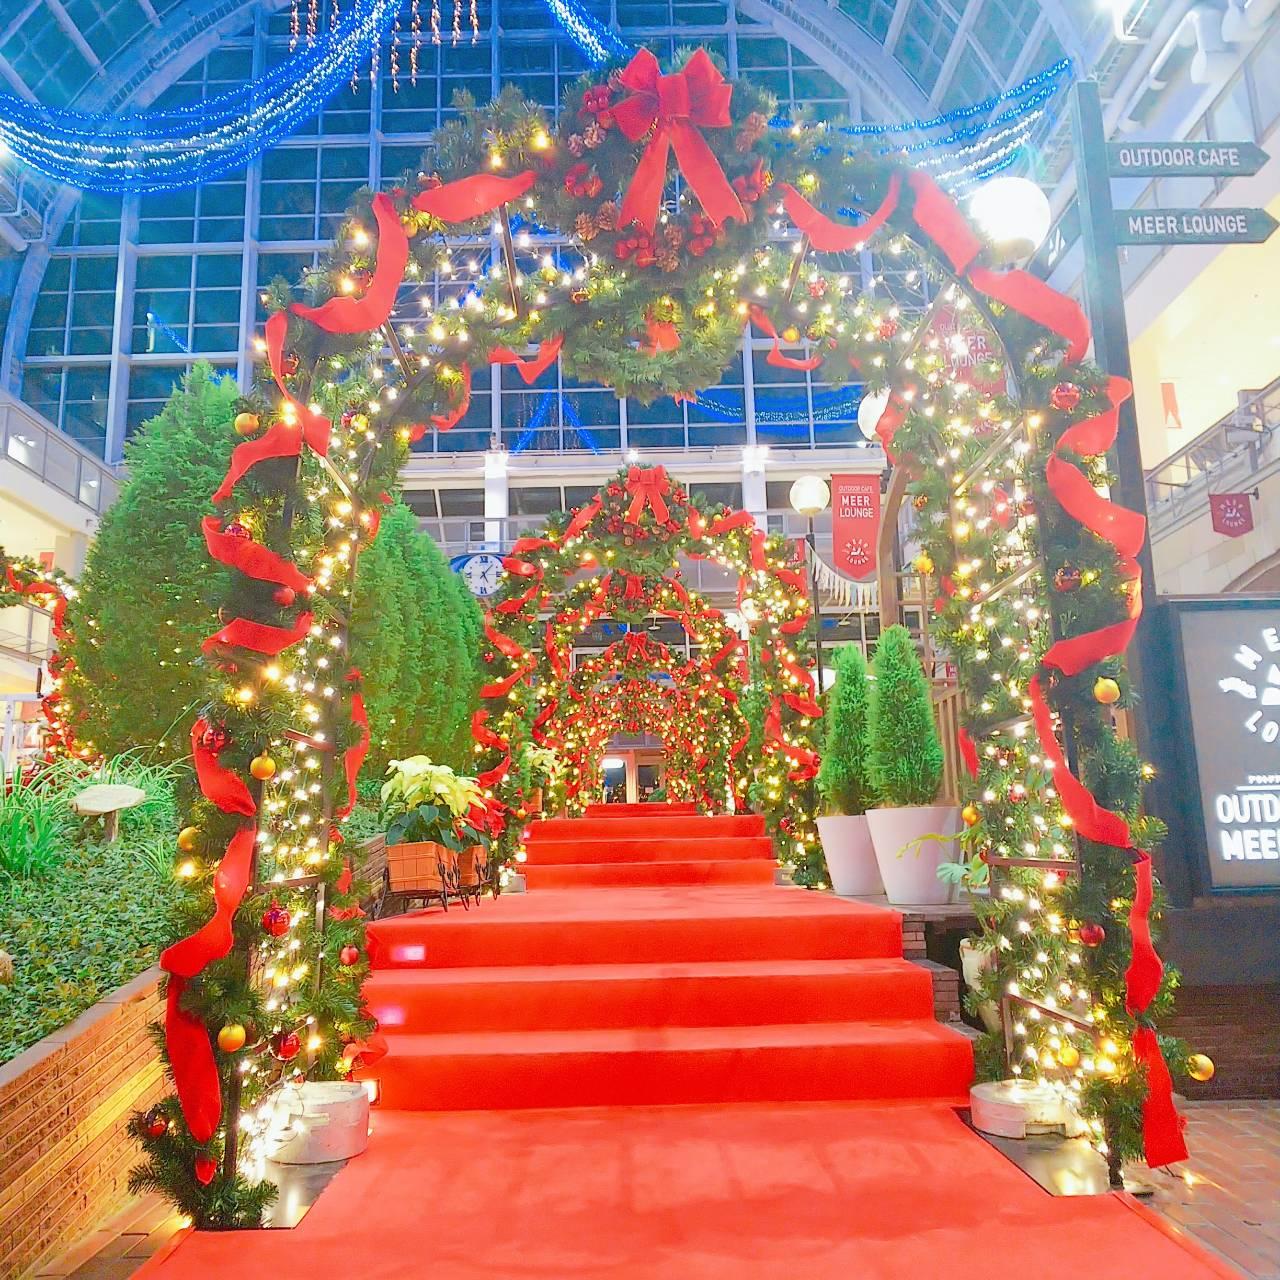 サッポロファクトリーのクリスマスアーチ/2019年11月26日、撮影:PRINCESS ONLINE事業部